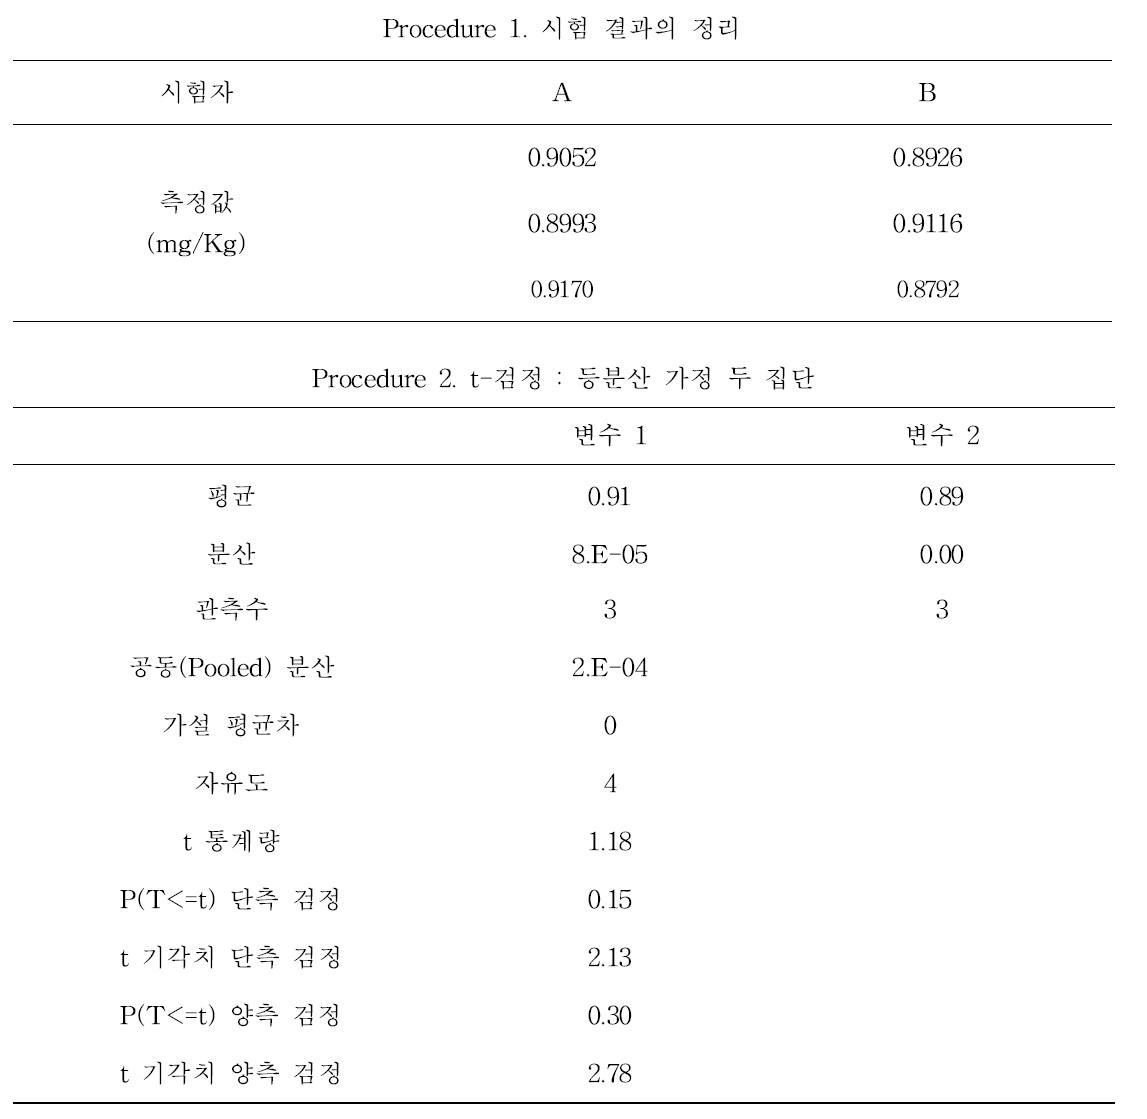 실무자간 비교숙련도시험결과 정확도(평균값) 비교